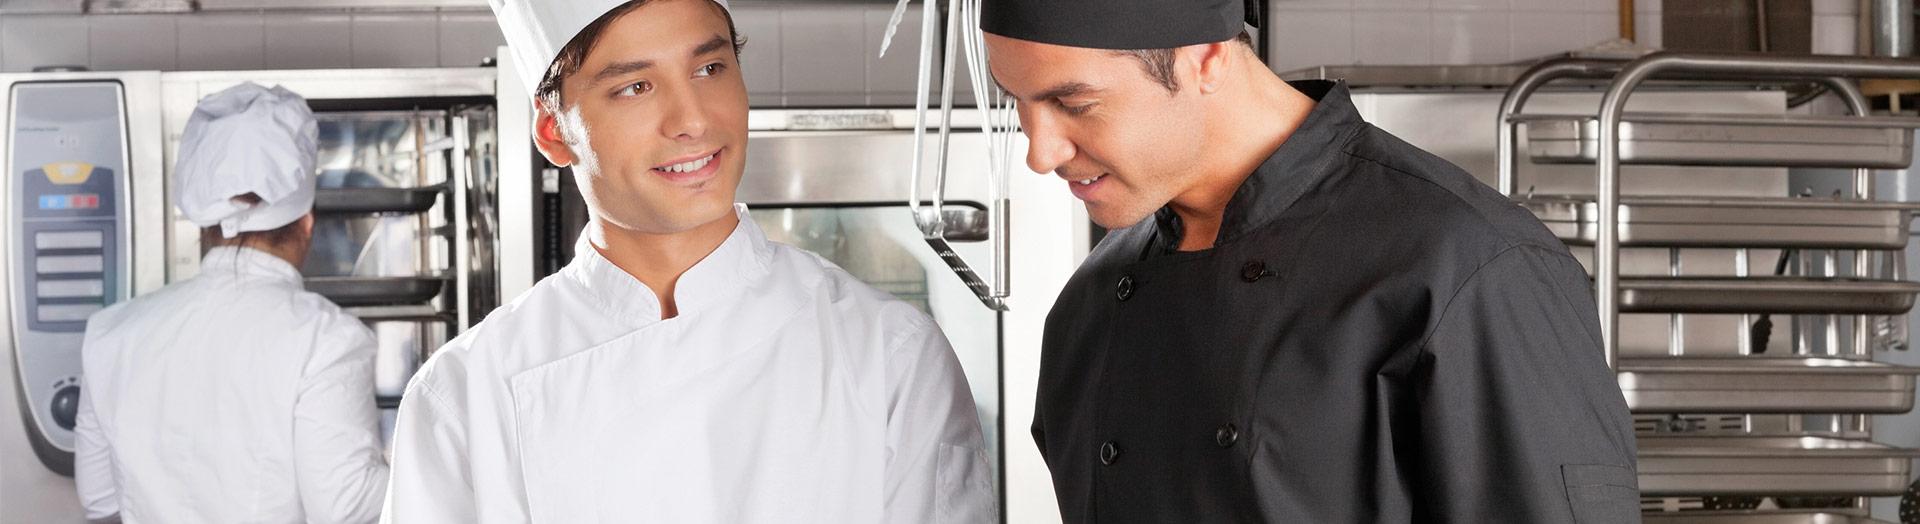 Dos Chef